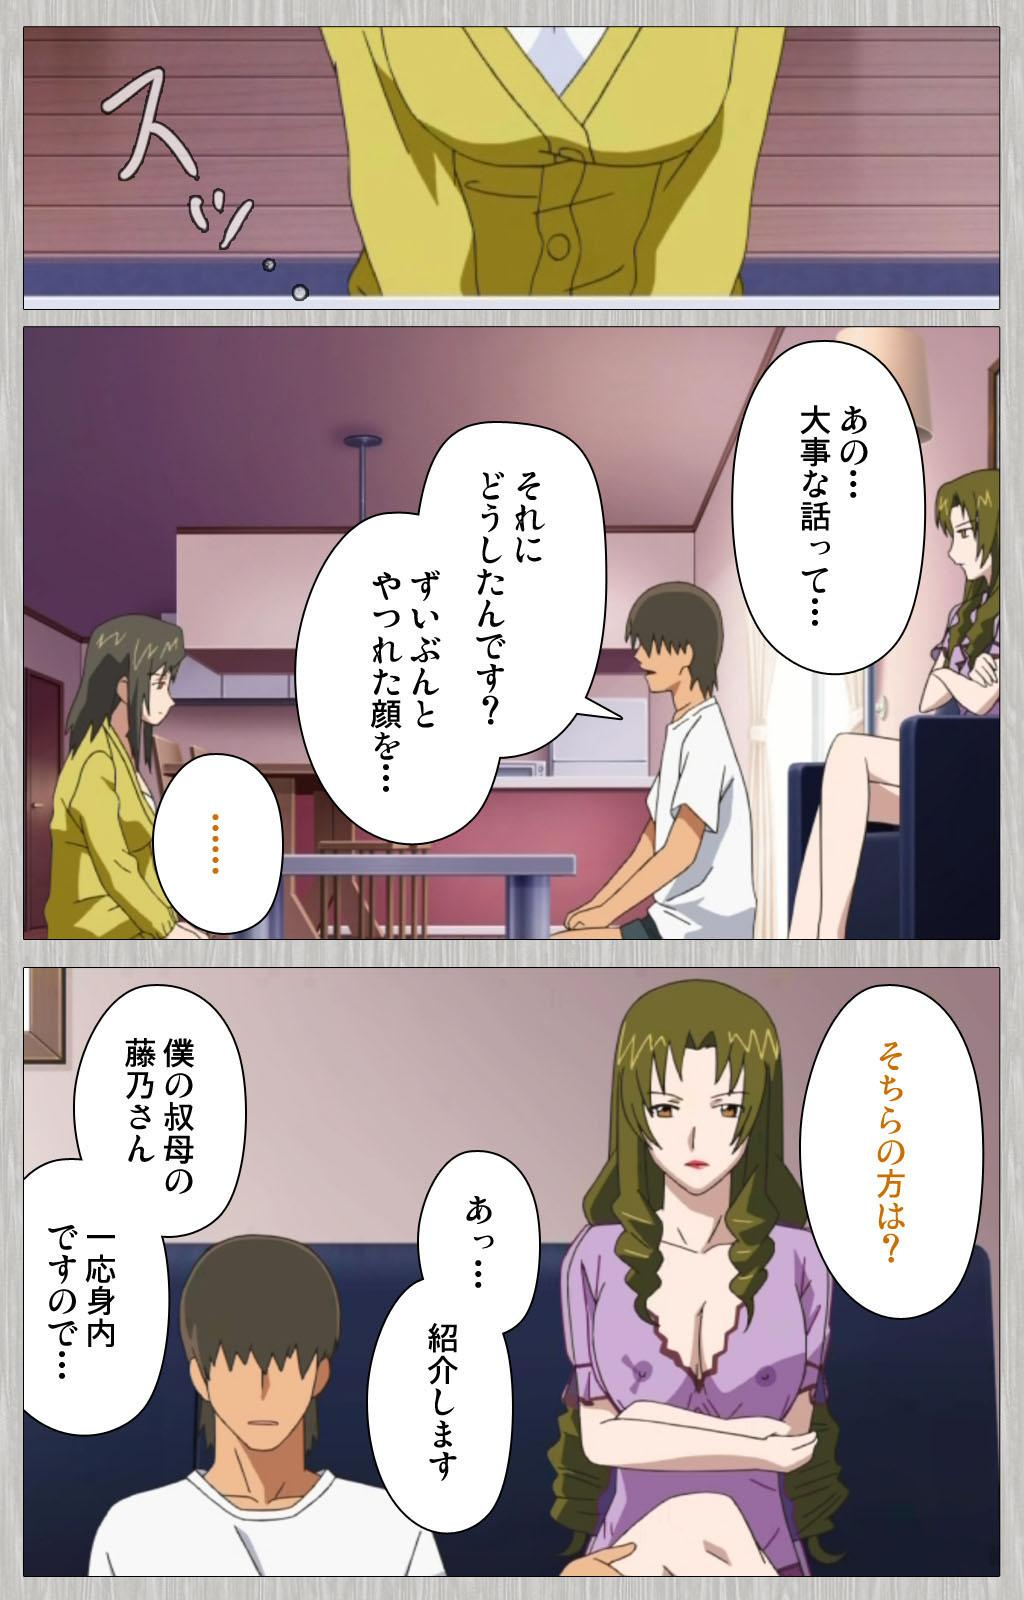 Tsuma no haha Sayuri Kanzenban 82